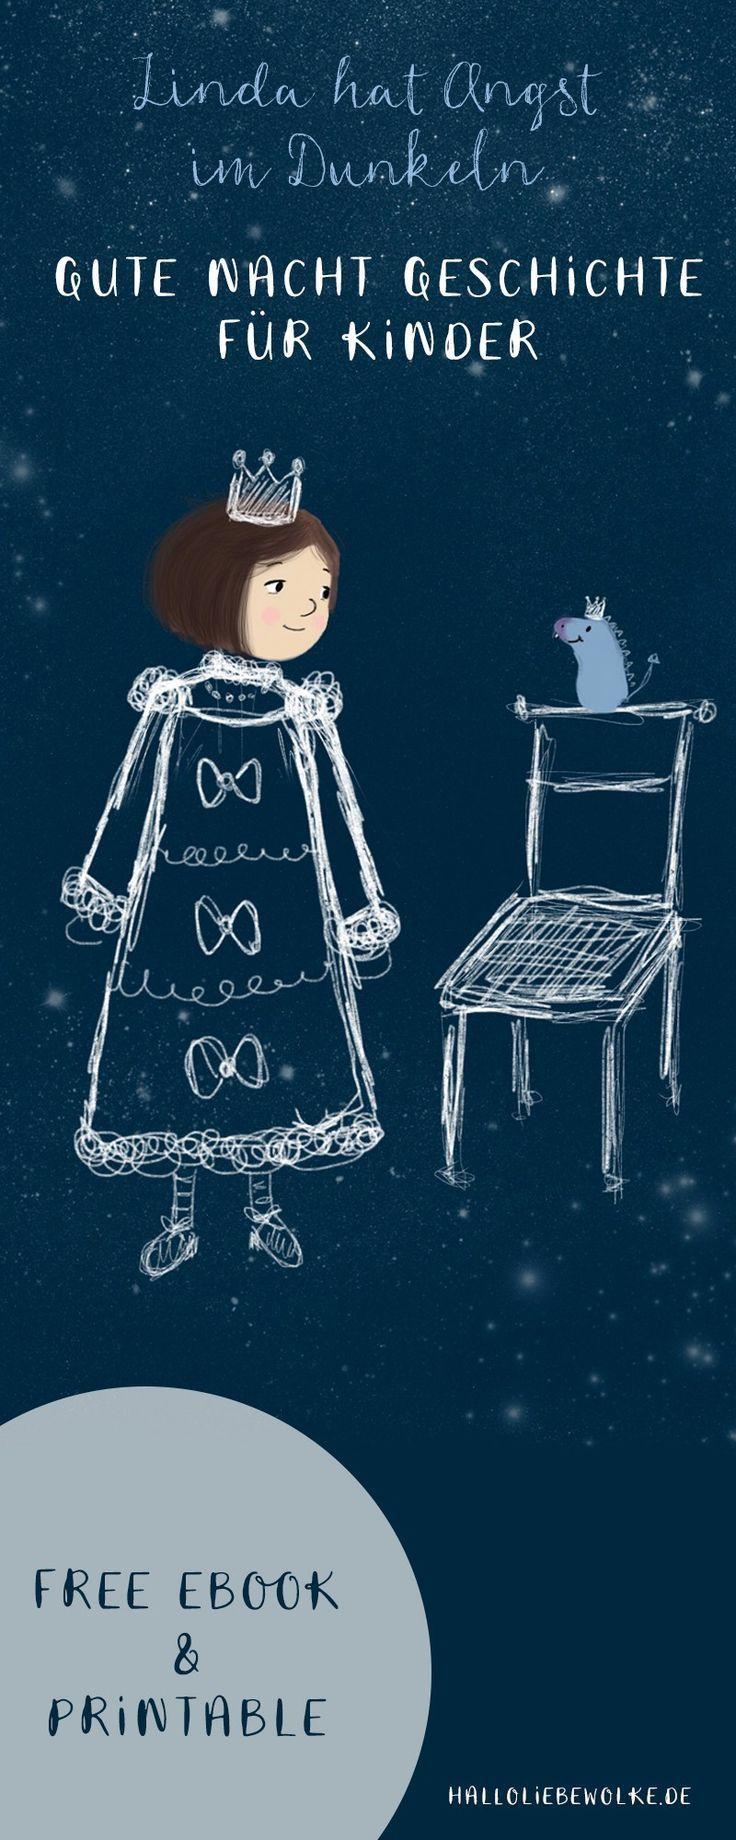 Linda hat Angst im Dunkeln. (Gute Nacht Geschichte – free eBook)